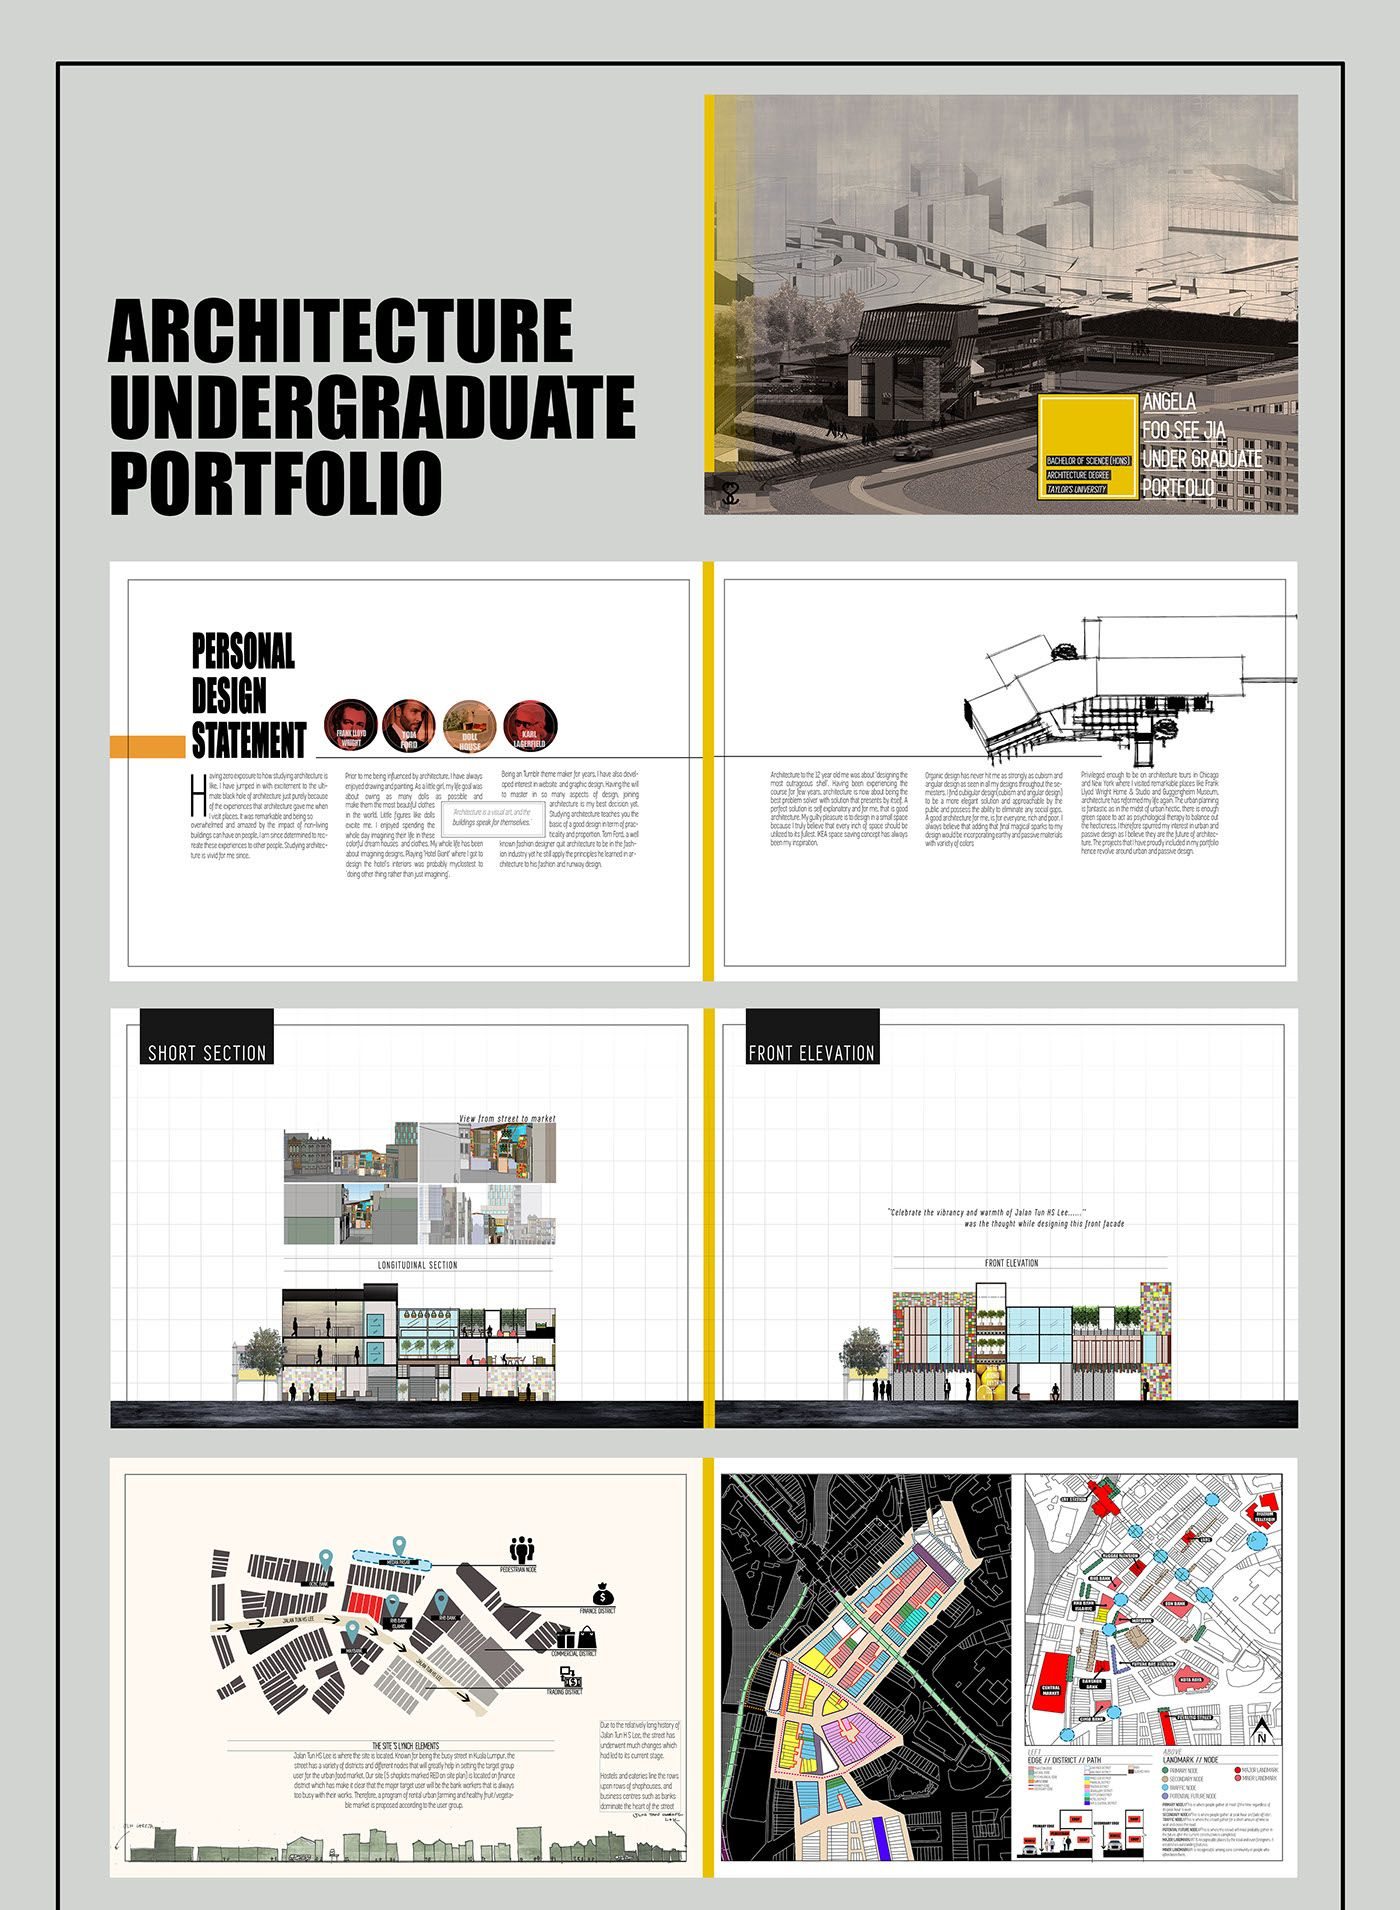 This is my architecture undergraduate portfolio .